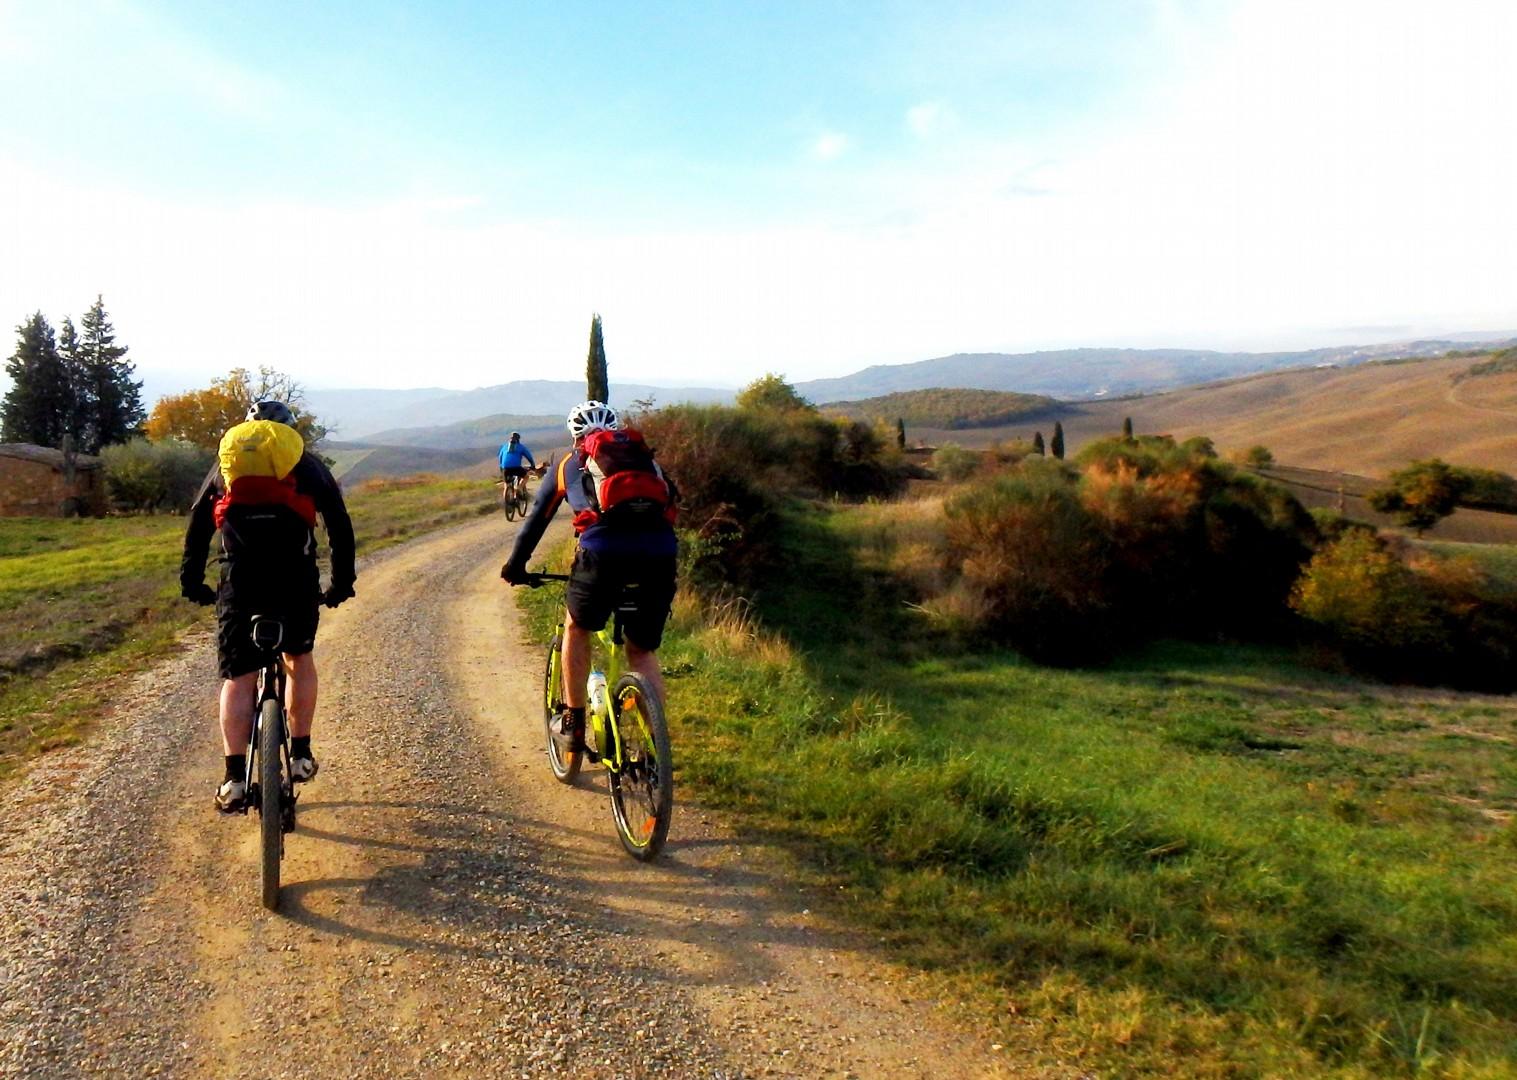 PB090041a.JPG - Italy - Via Francigena (Tuscany to Rome) - Guided Mountain Biking Holiday - Italia Mountain Biking